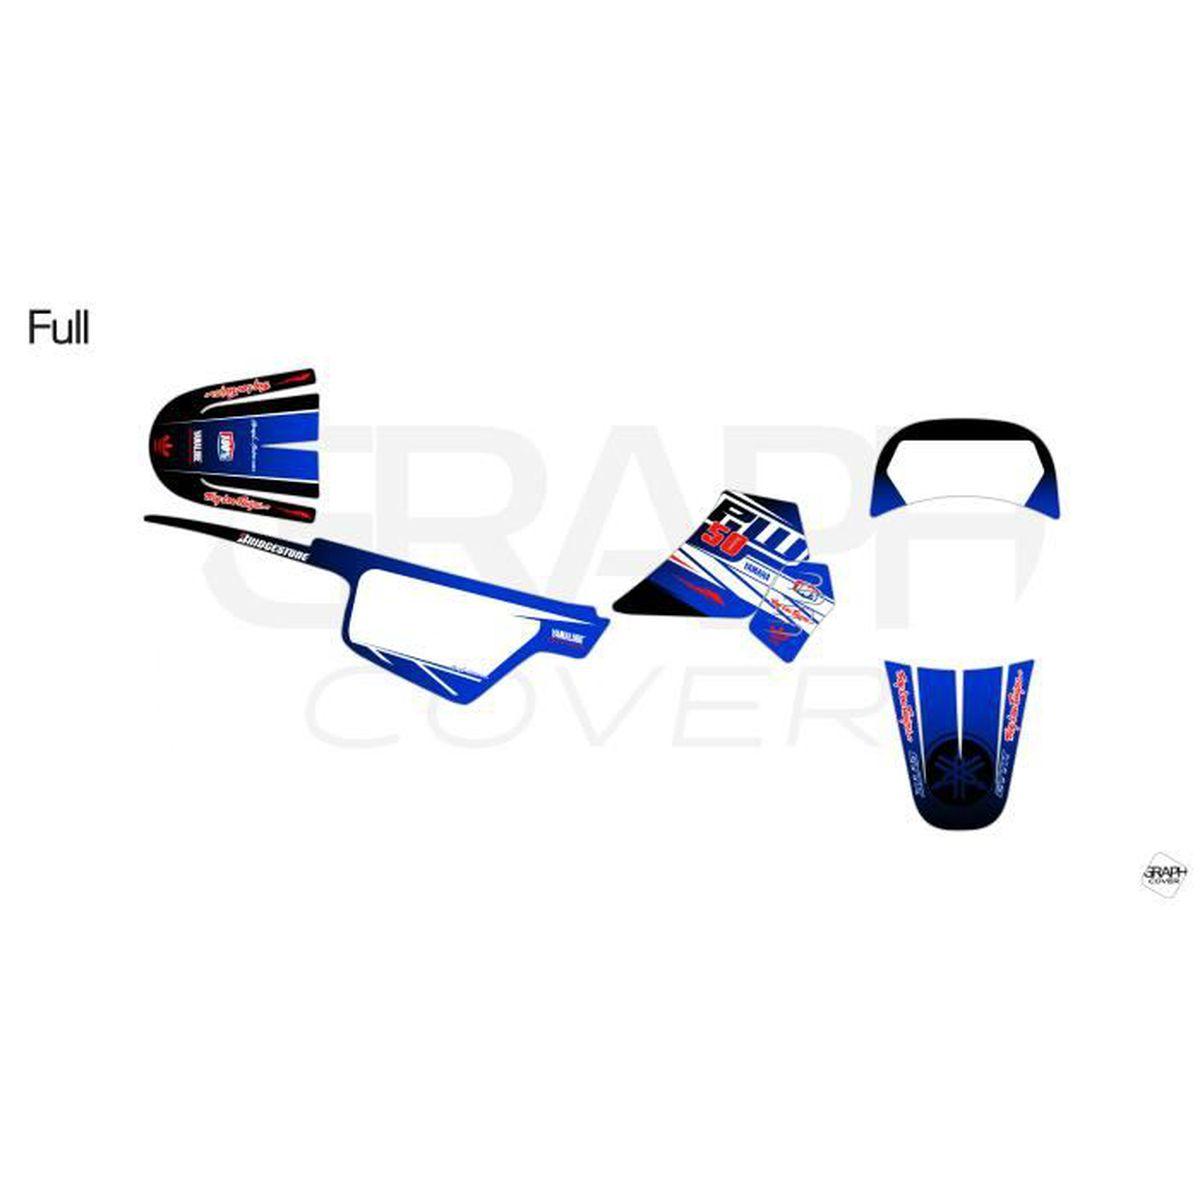 4 MINIS PLAQUES OFFERTES KIT Deco Moto Cross Yamaha PW 50 Factory Bleu Rouge